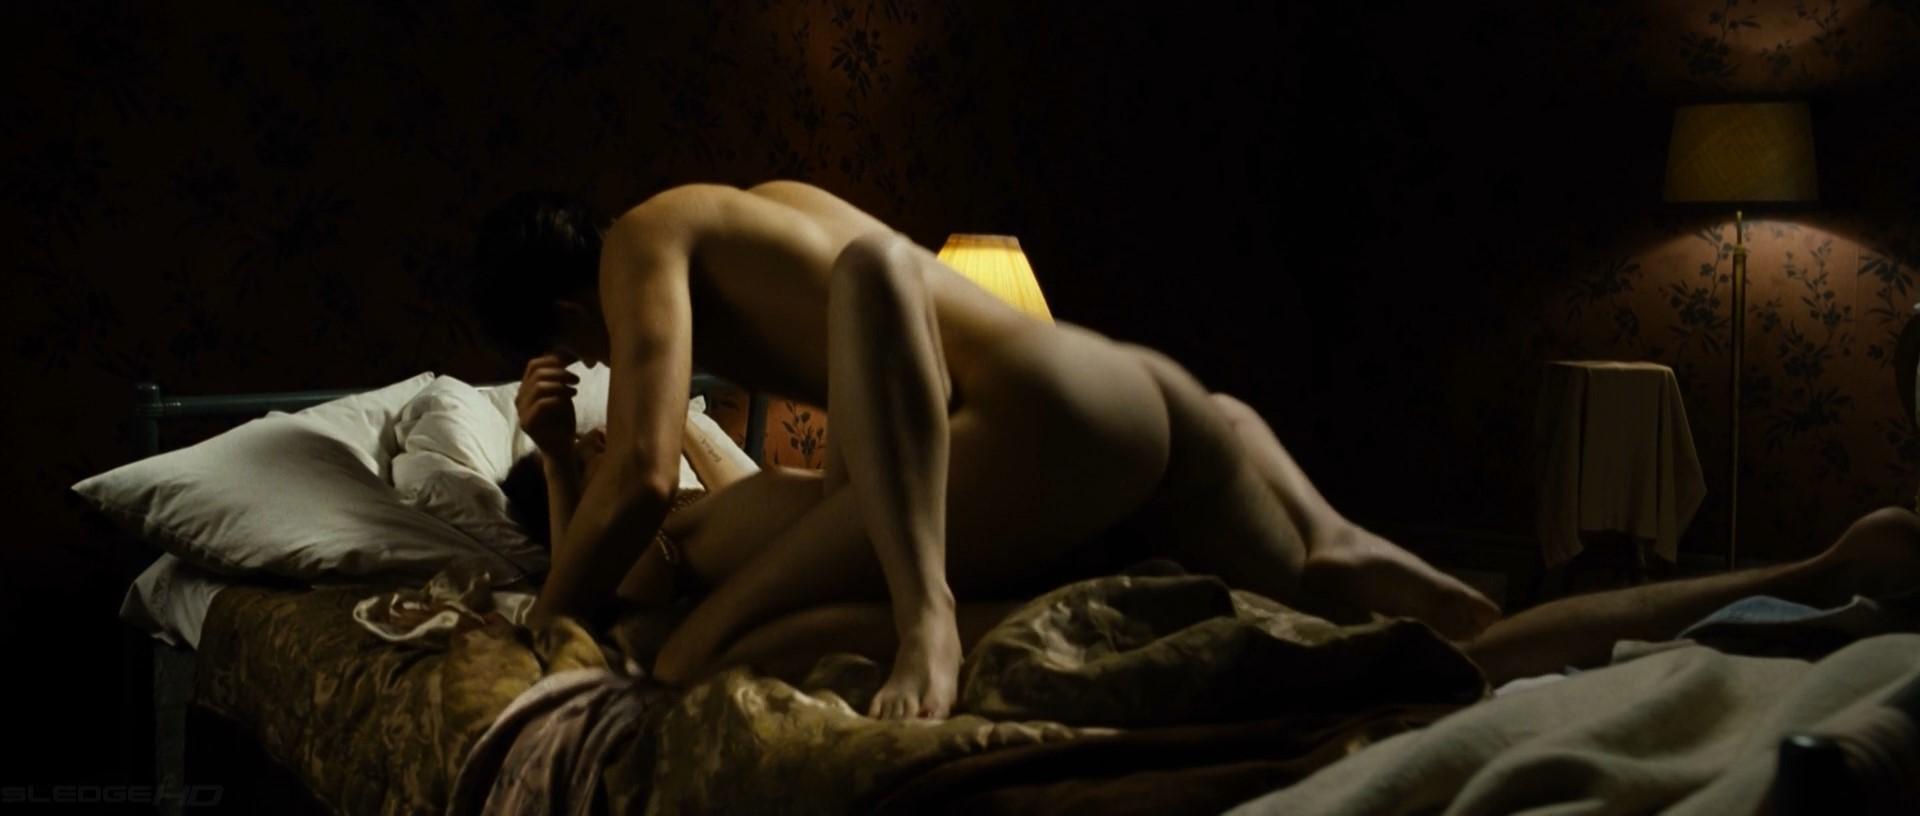 Katharina schüttler nude